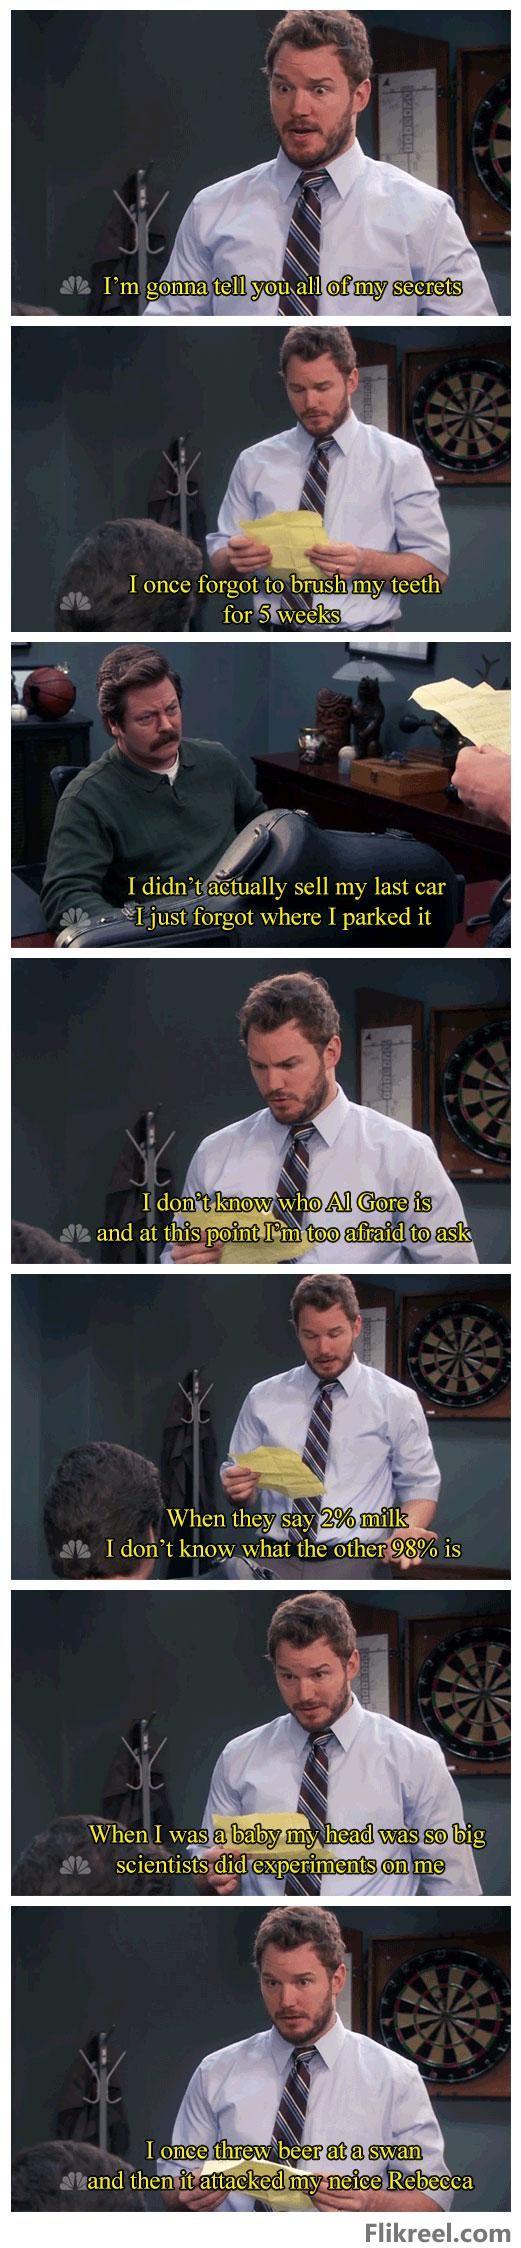 Andy's secrets.